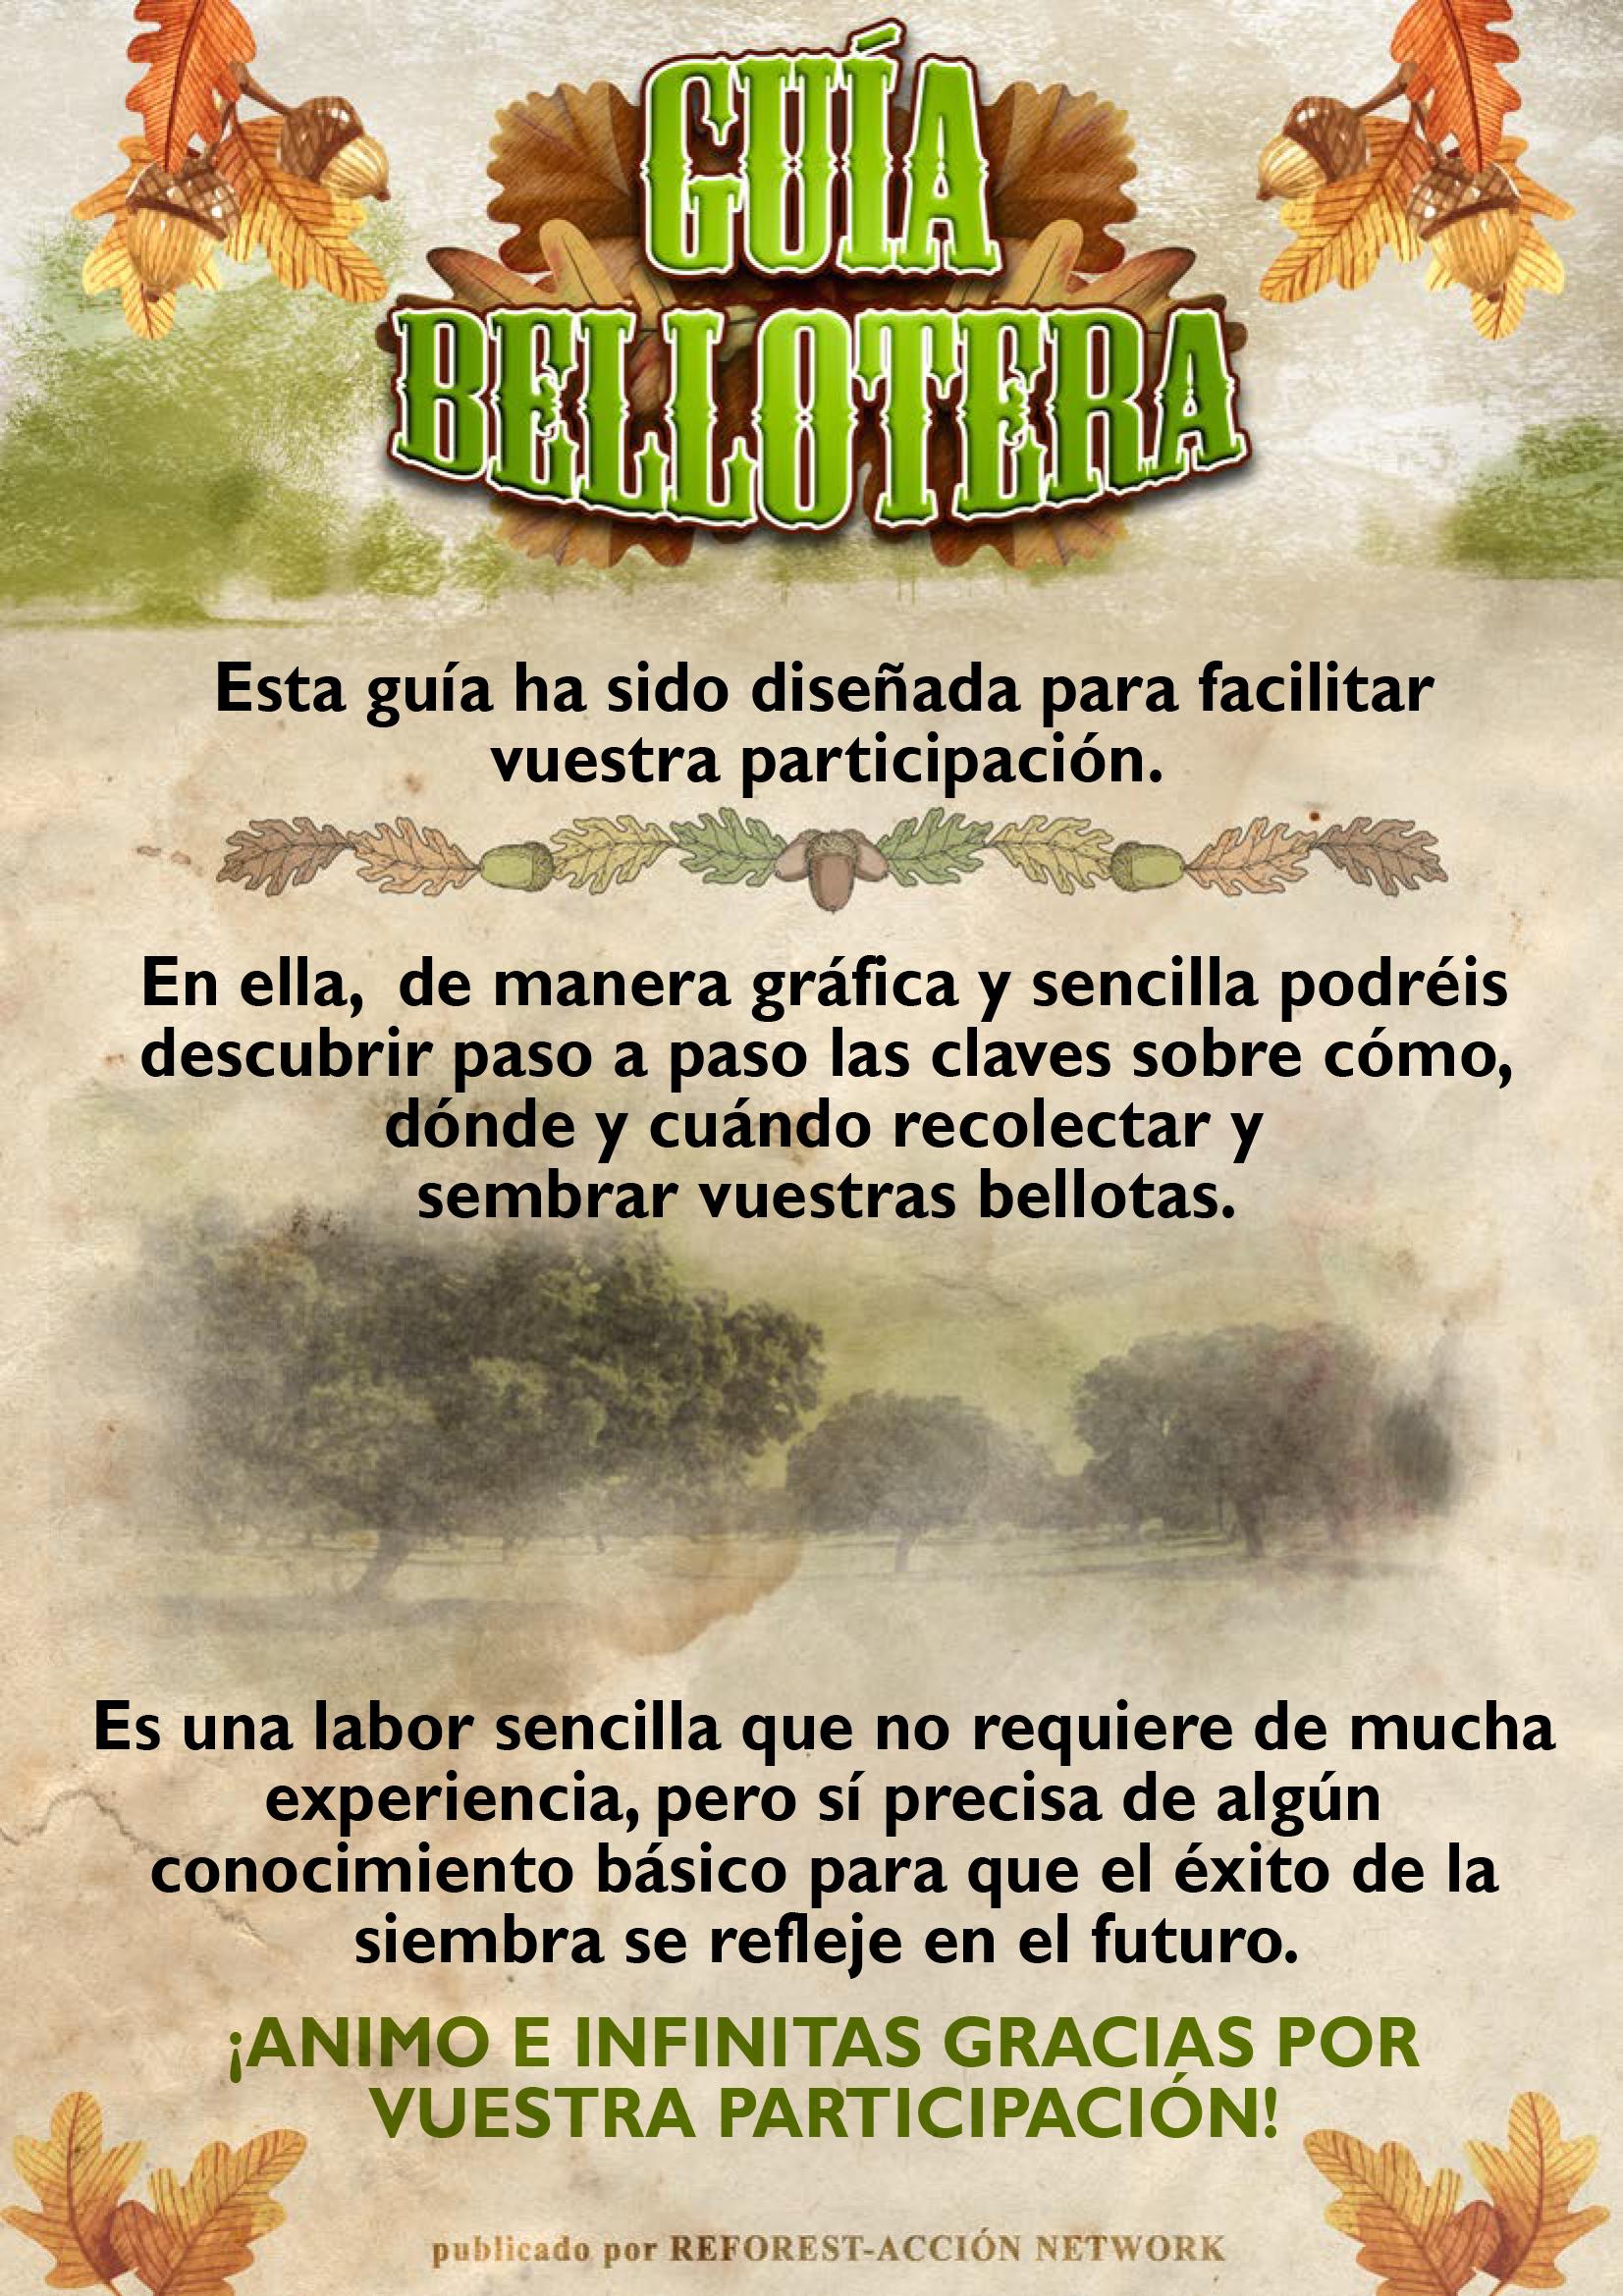 GUIA BELLOTERA - PAG 1